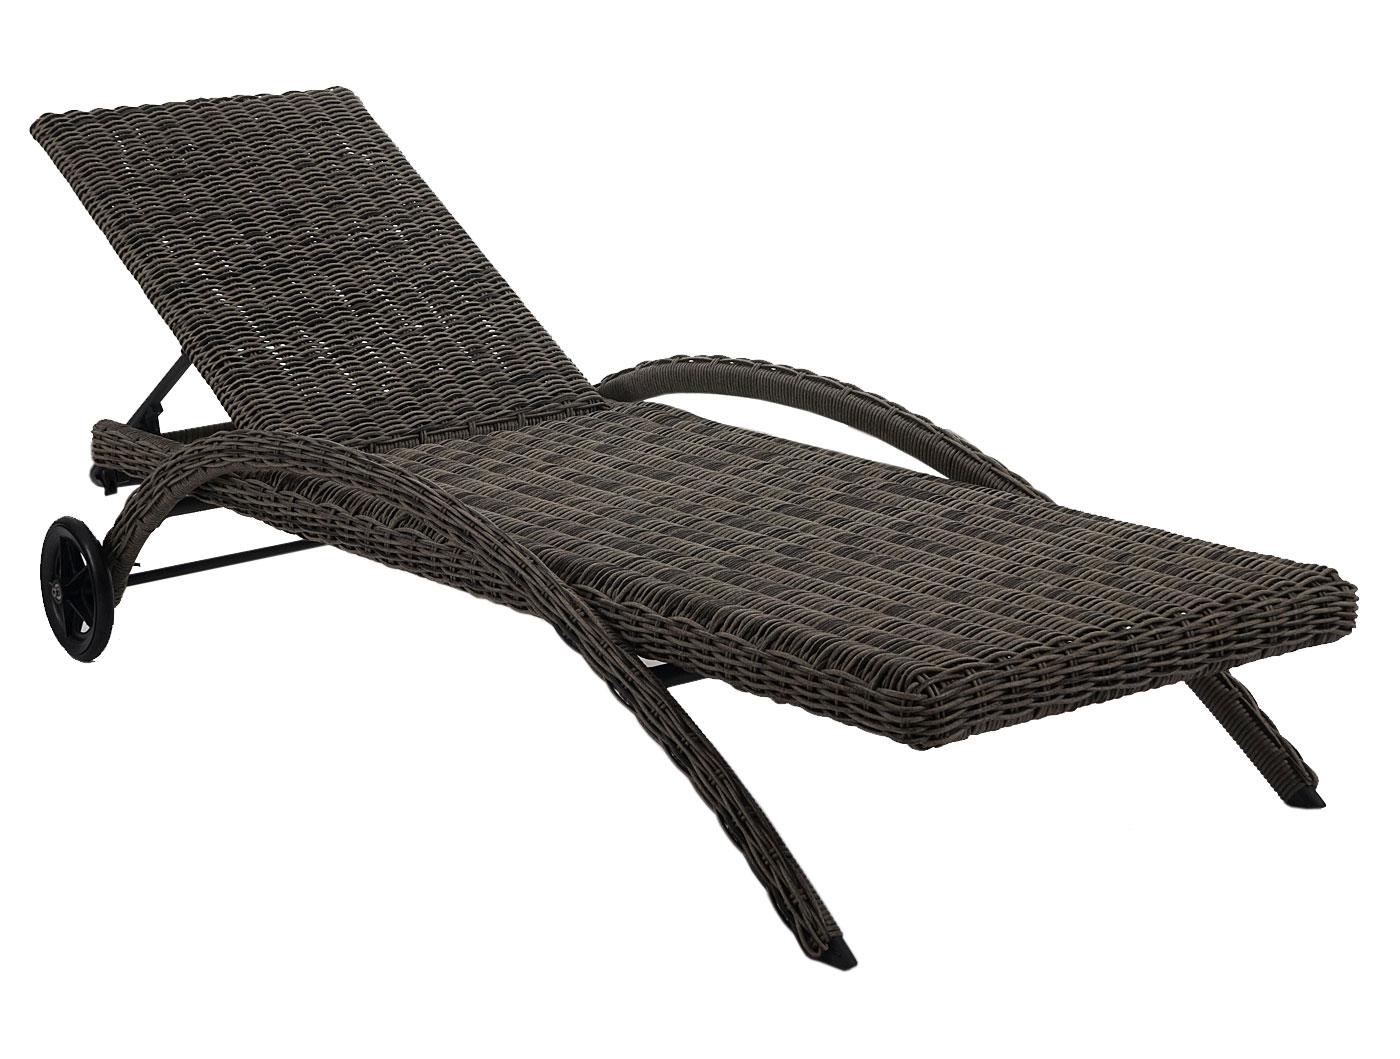 luxus sonnenliege kastoria relaxliege gartenliege rundes rattan naturgrau auflage creme. Black Bedroom Furniture Sets. Home Design Ideas